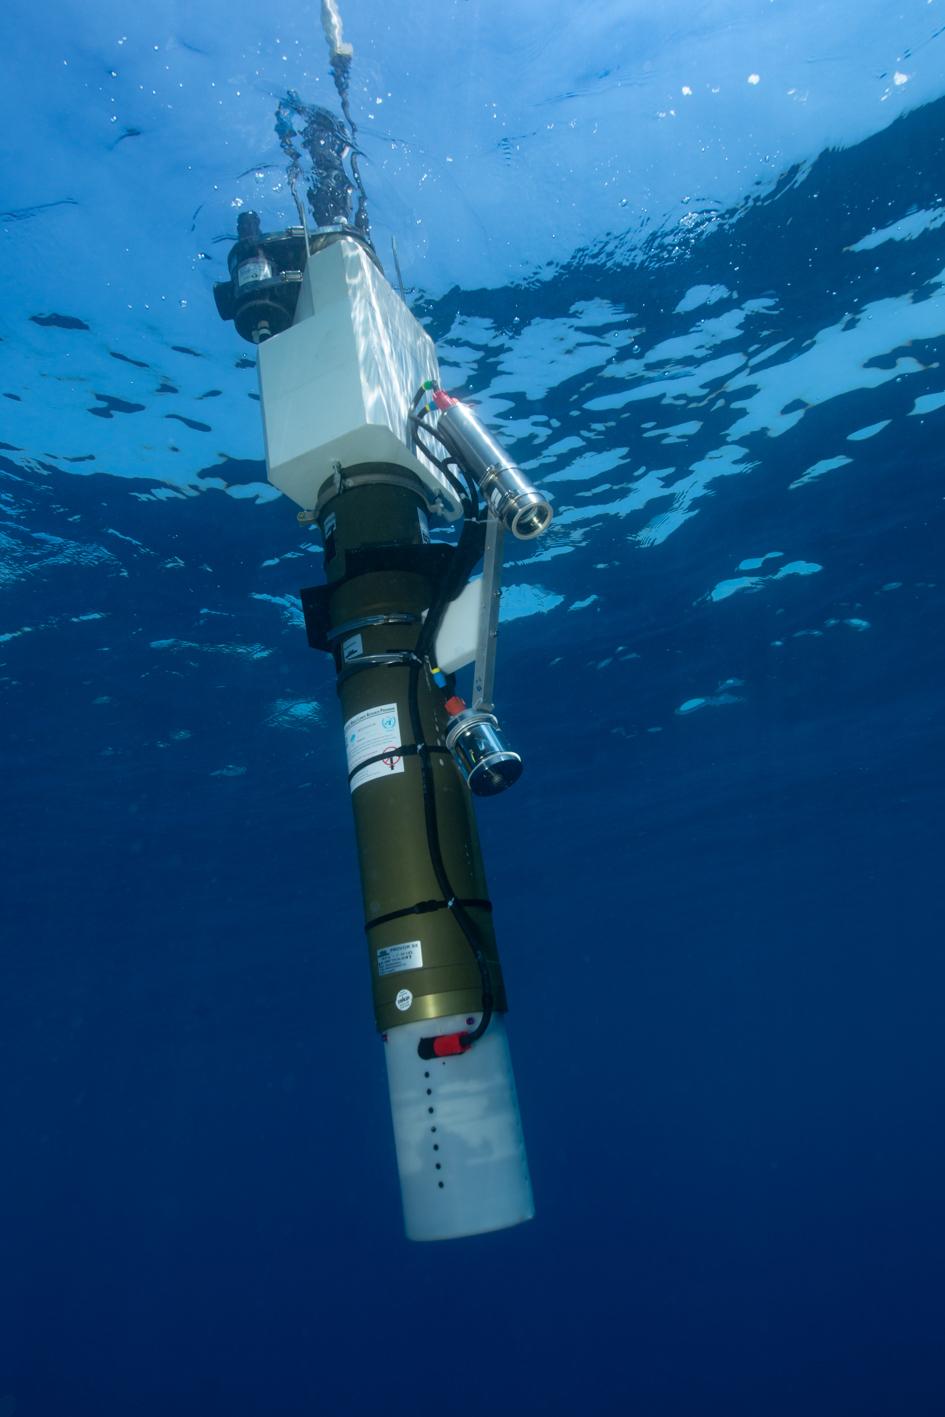 La Principauté de Monaco soutient l'évolution multidisciplinaire du programme Argo, programme phare de l'observation de l'Océan